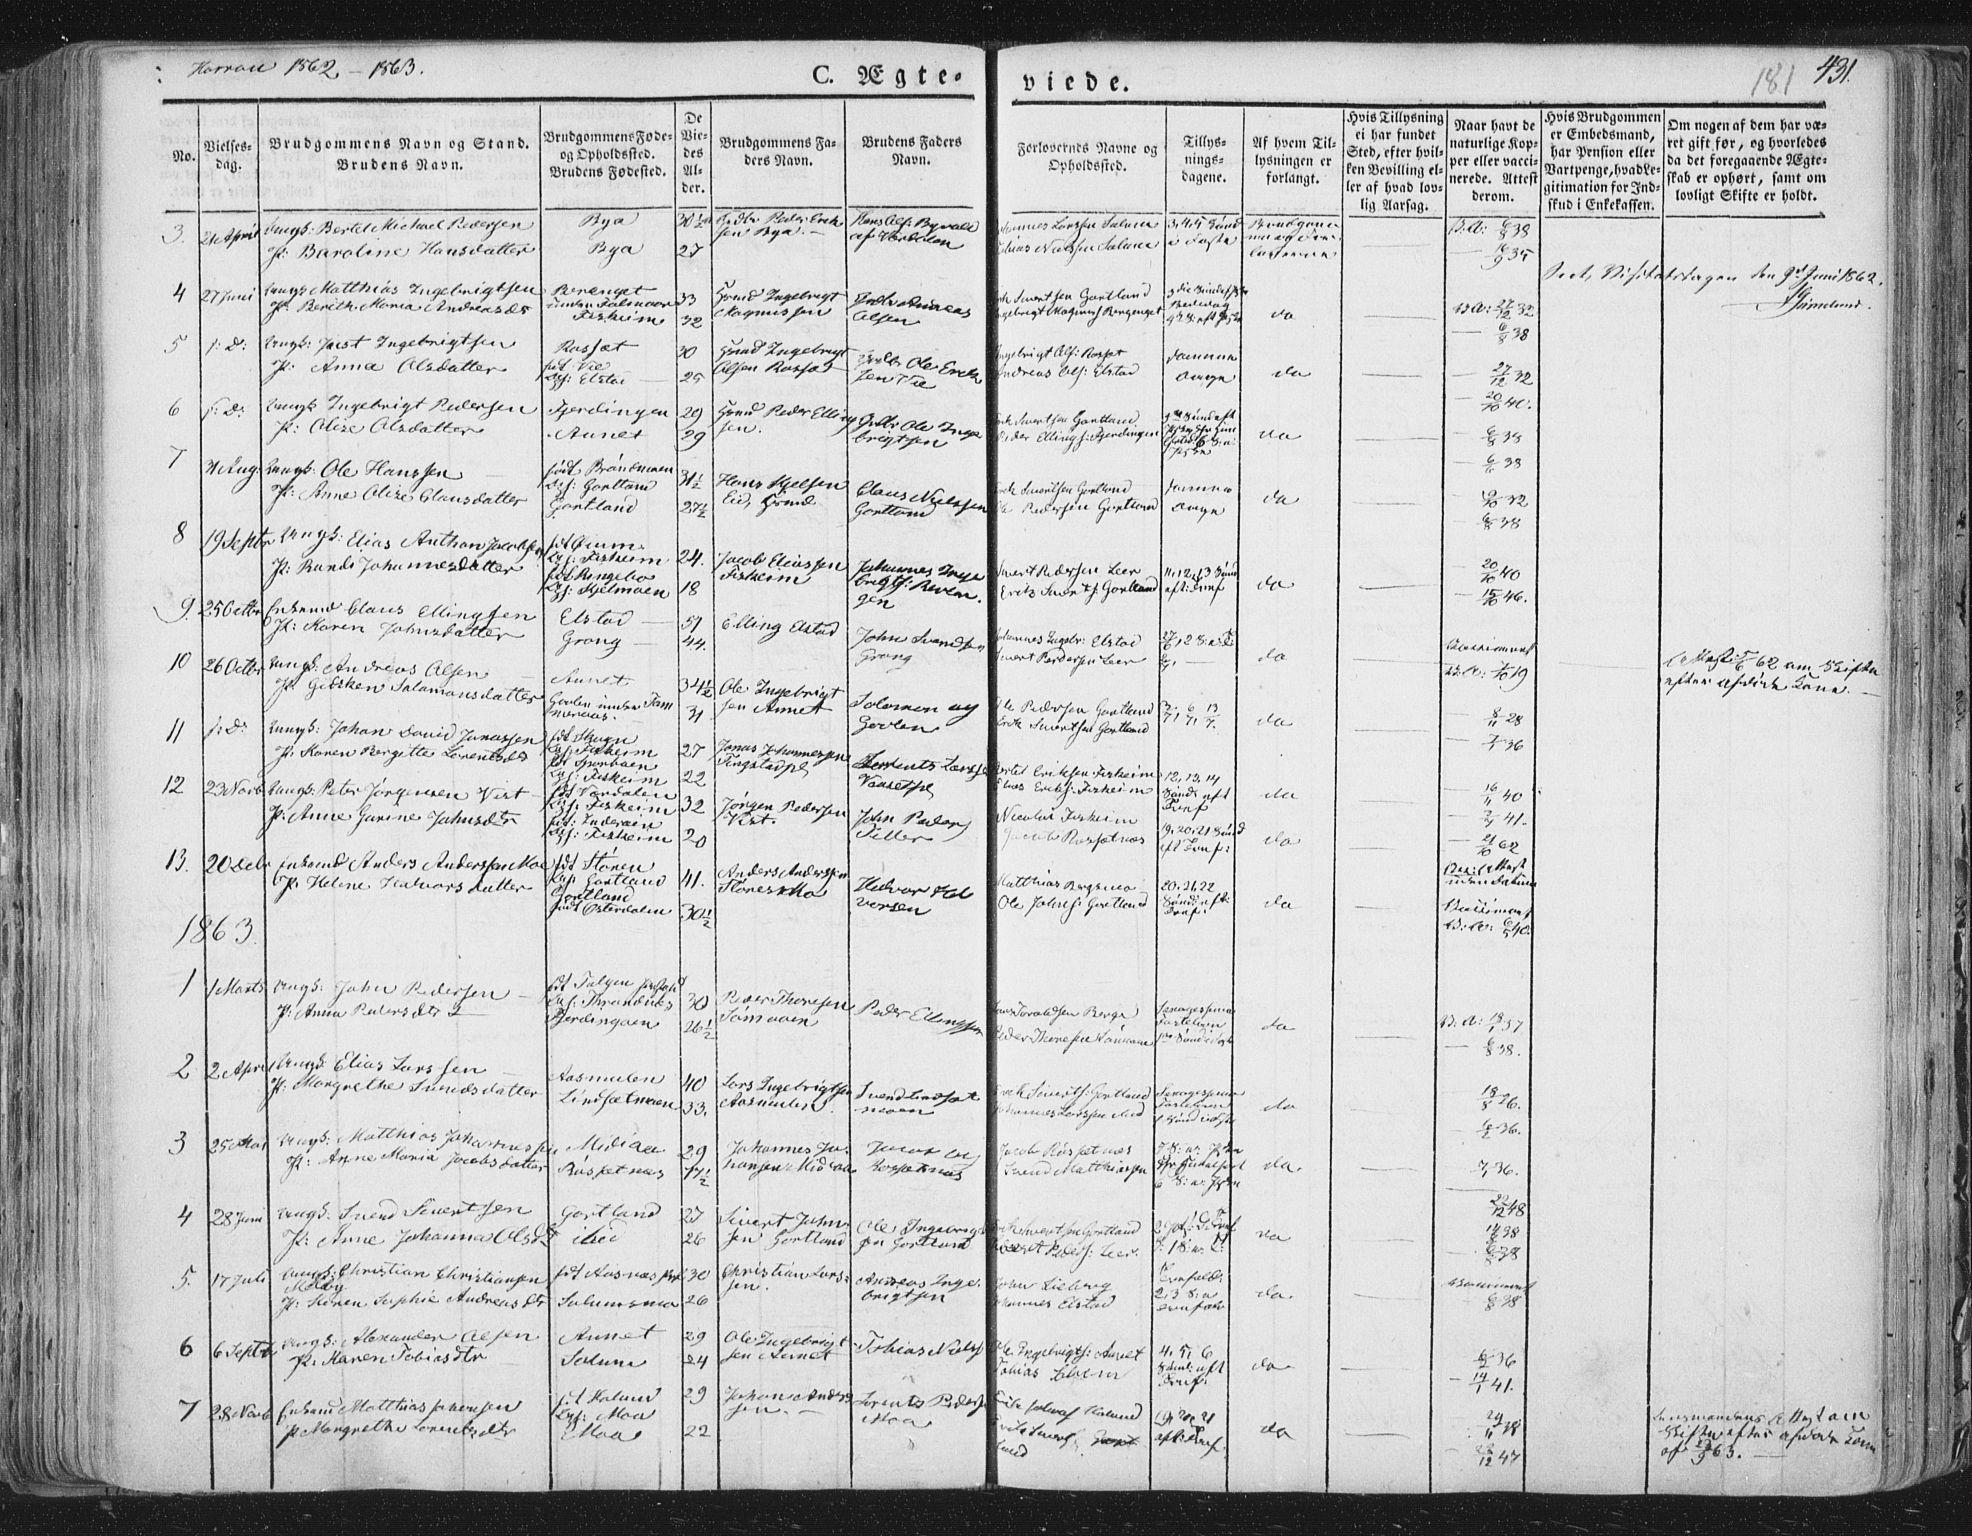 SAT, Ministerialprotokoller, klokkerbøker og fødselsregistre - Nord-Trøndelag, 758/L0513: Ministerialbok nr. 758A02 /3, 1839-1868, s. 181